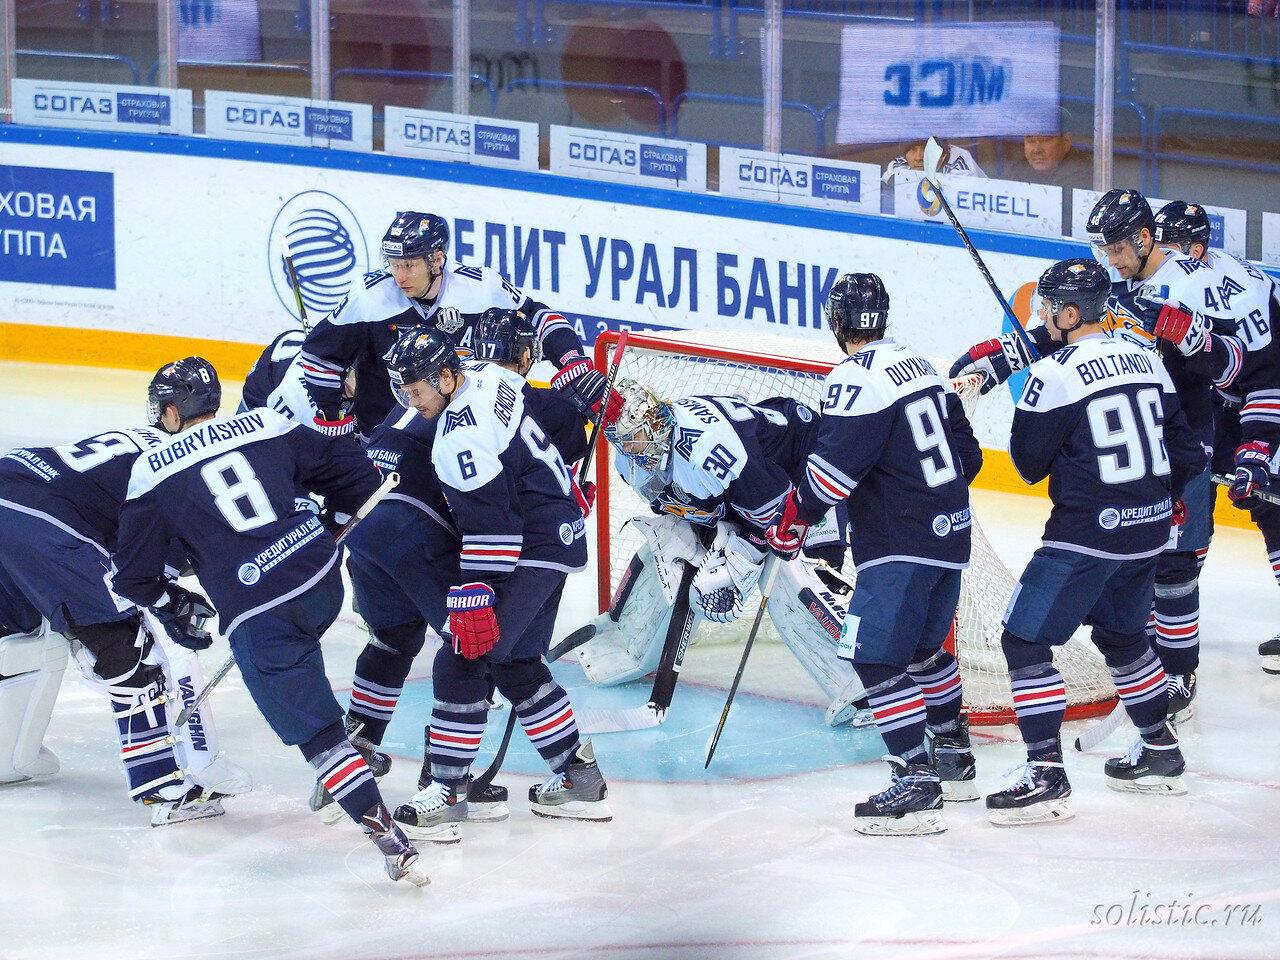 63 Металлург - Динамо Минск 03.01.2017